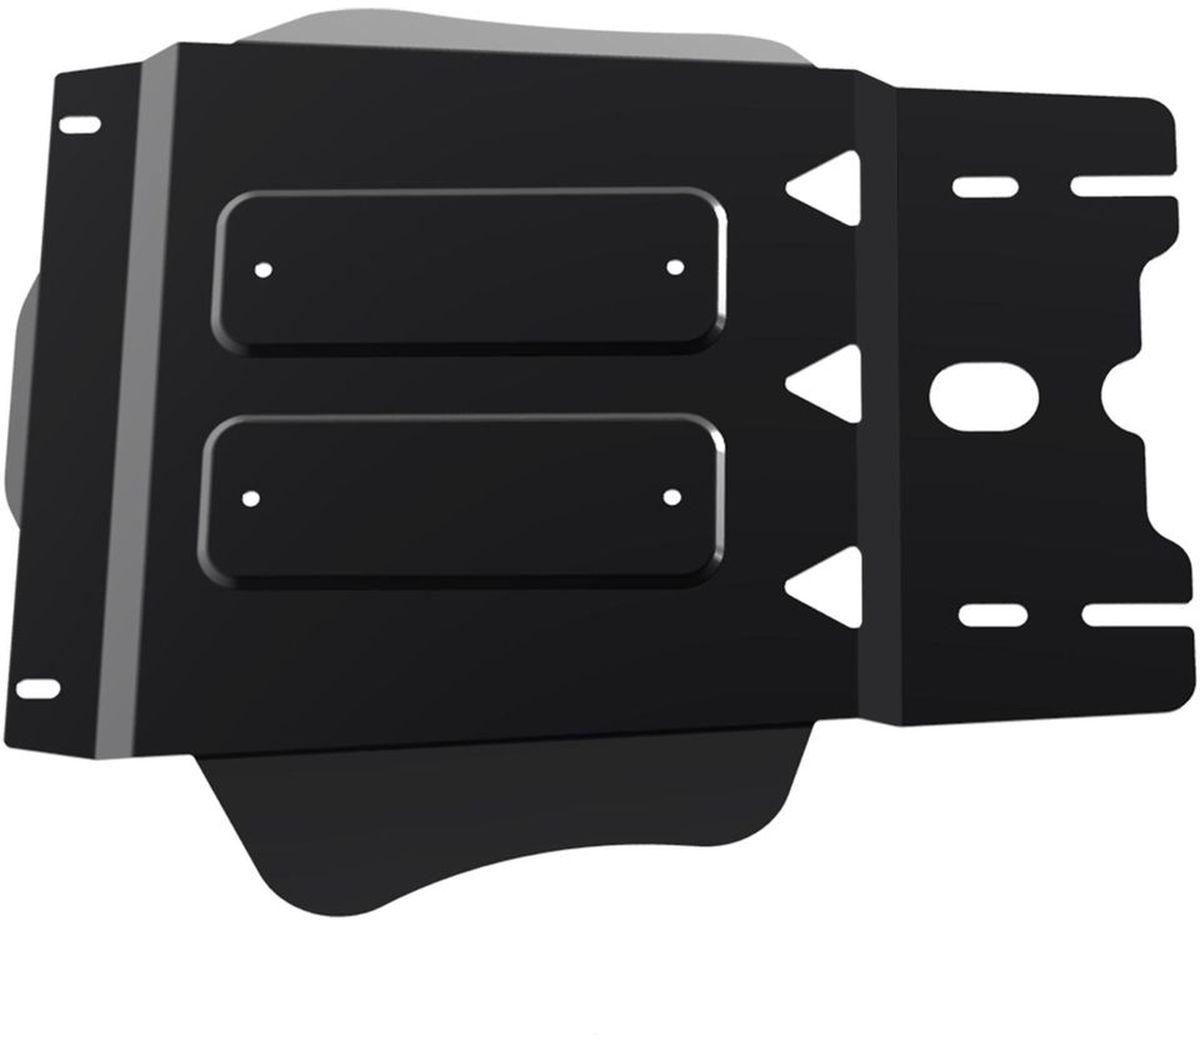 Защита КПП Автоброня Isuzu D-Max 2012-, сталь 2 мм111.09103.1Защита КПП Автоброня Isuzu D-Max, V-2,5TD 2012-, сталь 2 мм, комплект крепежа, 111.09103.1Стальные защиты Автоброня надежно защищают ваш автомобиль от повреждений при наезде на бордюры, выступающие канализационные люки, кромки поврежденного асфальта или при ремонте дорог, не говоря уже о загородных дорогах.- Имеют оптимальное соотношение цена-качество.- Спроектированы с учетом особенностей автомобиля, что делает установку удобной.- Защита устанавливается в штатные места кузова автомобиля.- Является надежной защитой для важных элементов на протяжении долгих лет.- Глубокий штамп дополнительно усиливает конструкцию защиты.- Подштамповка в местах крепления защищает крепеж от срезания.- Технологические отверстия там, где они необходимы для смены масла и слива воды, оборудованные заглушками, закрепленными на защите.Толщина стали 2 мм.В комплекте крепеж и инструкция по установке.Уважаемые клиенты!Обращаем ваше внимание на тот факт, что защита имеет форму, соответствующую модели данного автомобиля. Наличие глубокого штампа и лючков для смены фильтров/масла предусмотрено не на всех защитах. Фото служит для визуального восприятия товара.